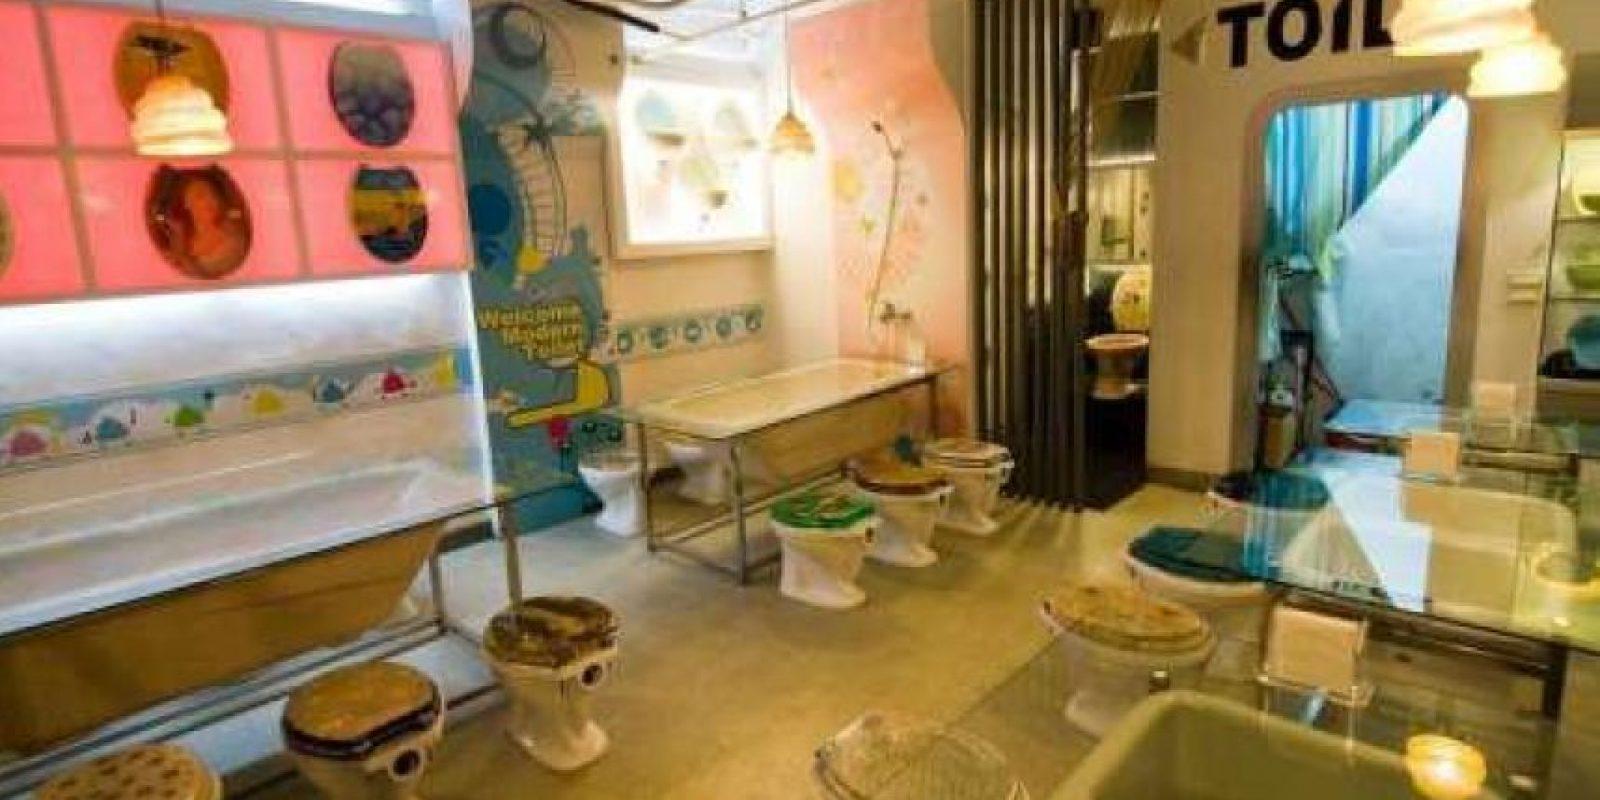 El Modern Toilet Restaurant en Tailandia ofrece directo del inodoro helados de chocolate y vainilla, y también se puede beber desde el orinal Foto:Dailypix